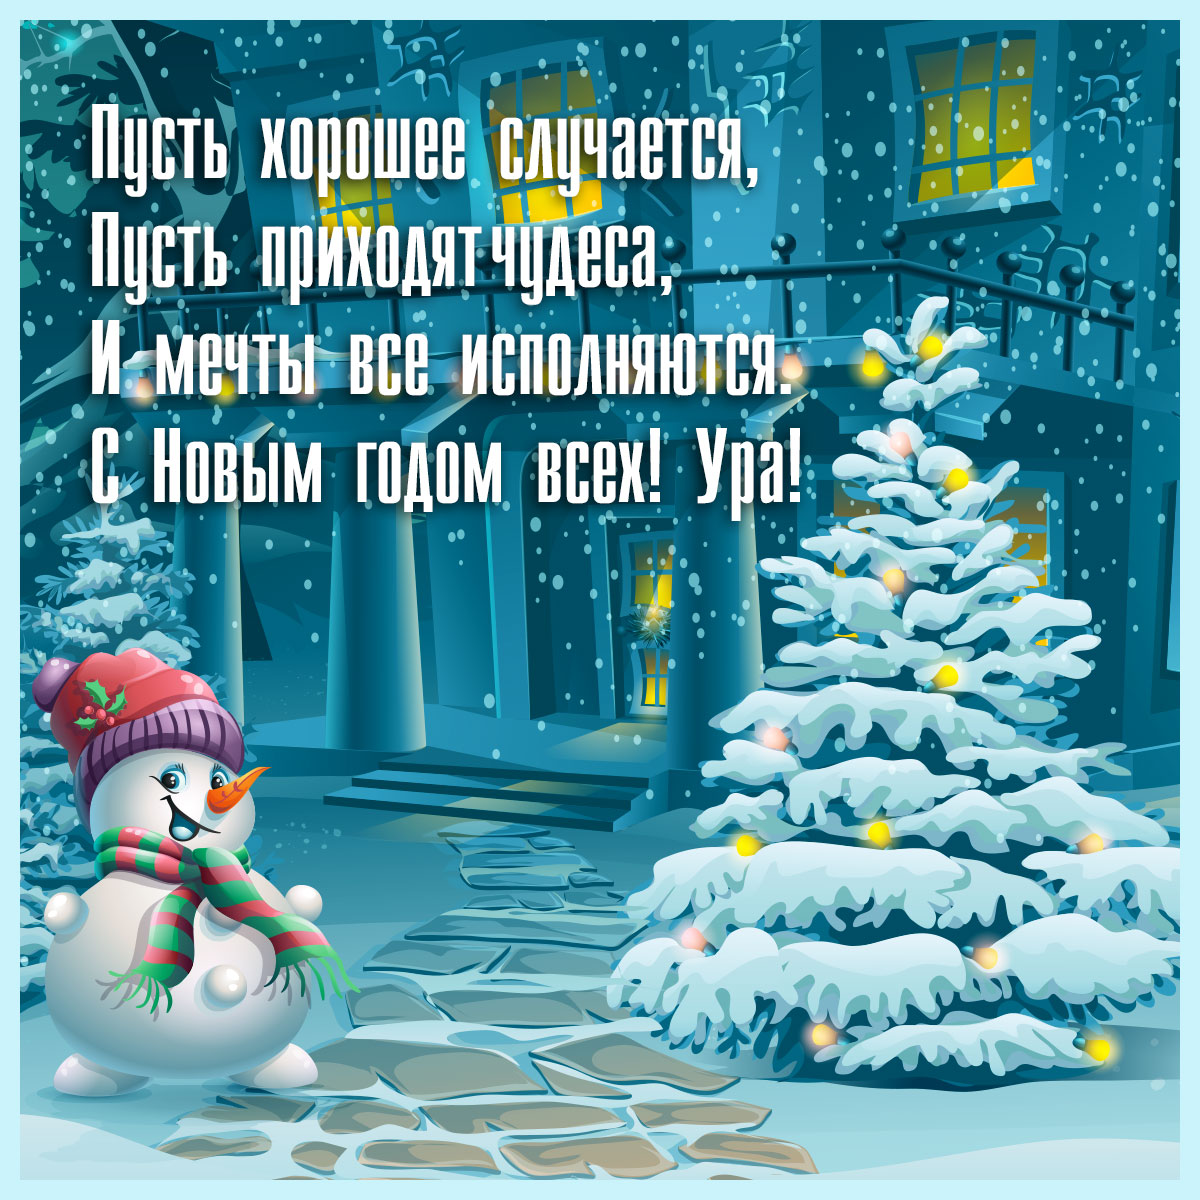 Картинка со стихами - открытка новый год снеговик и ёлка на фоне зимнего снегопада и дома с освещёнными в ночи окнами.